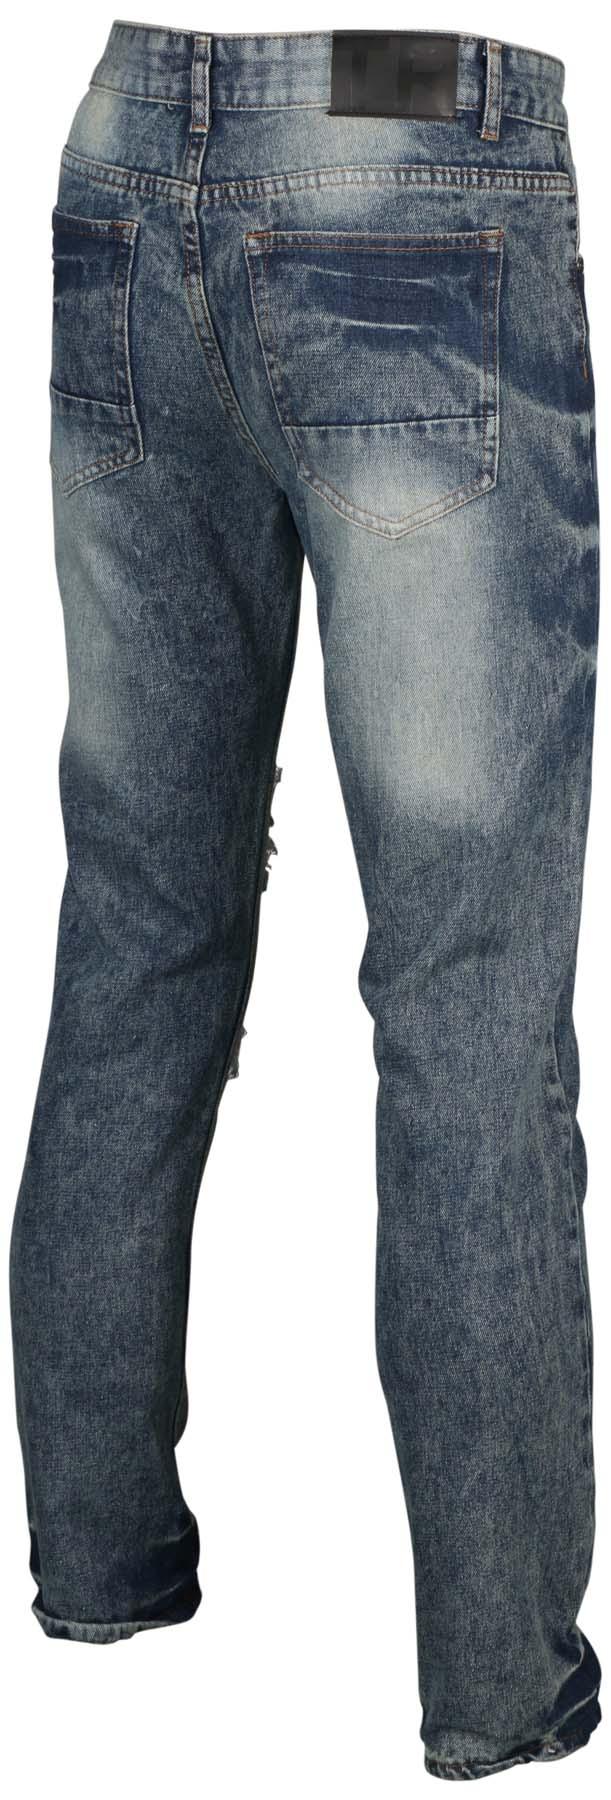 True джинсы с доставкой